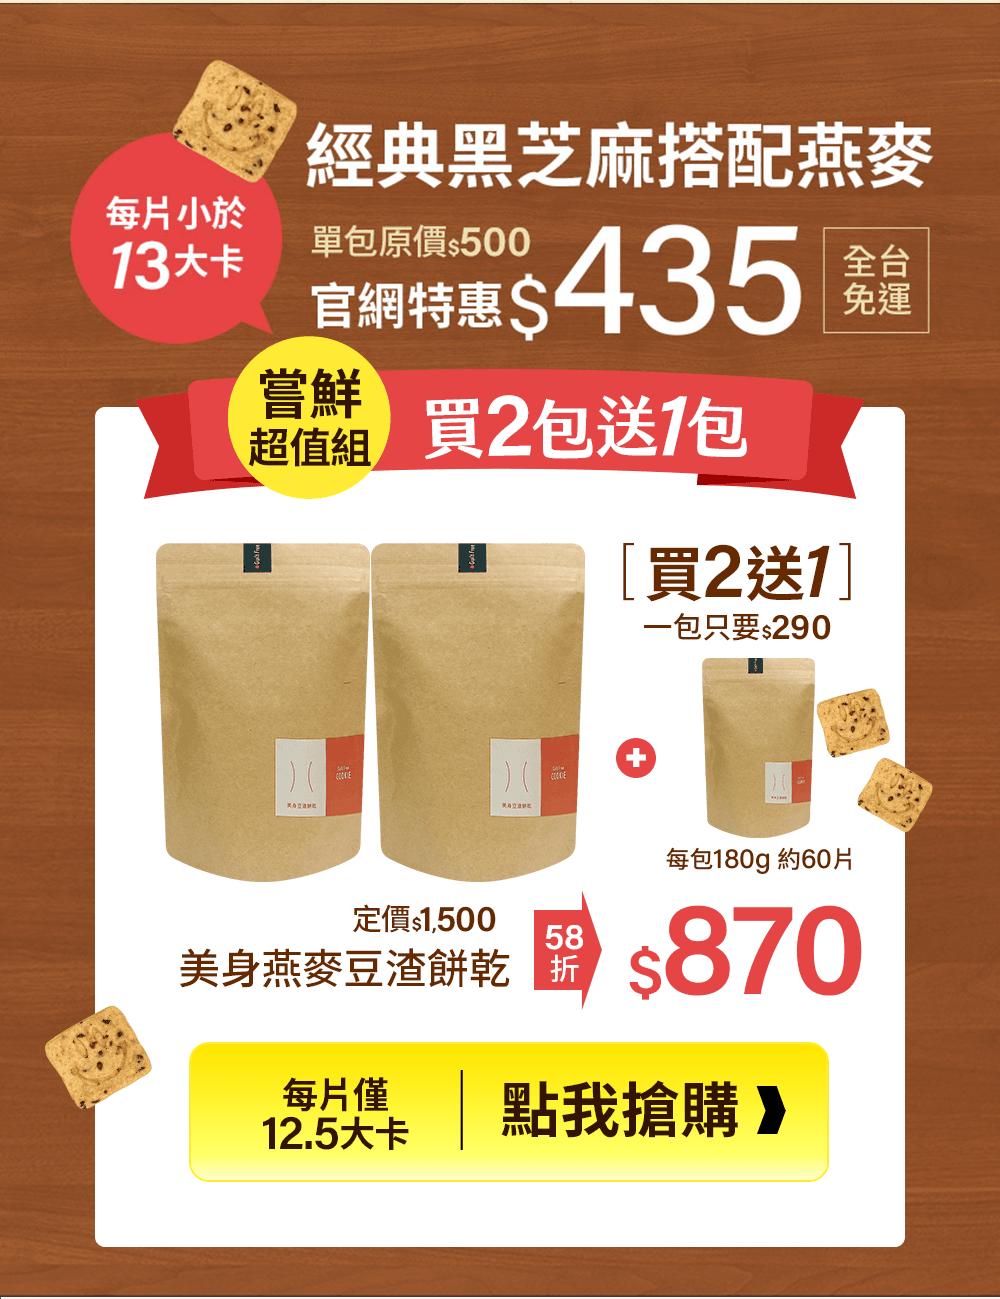 【Guilt FREE SWEETS】【銷售破百萬】日本超人氣美身豆渣餅乾60片裝(添加燕麥)-新裝上市 3